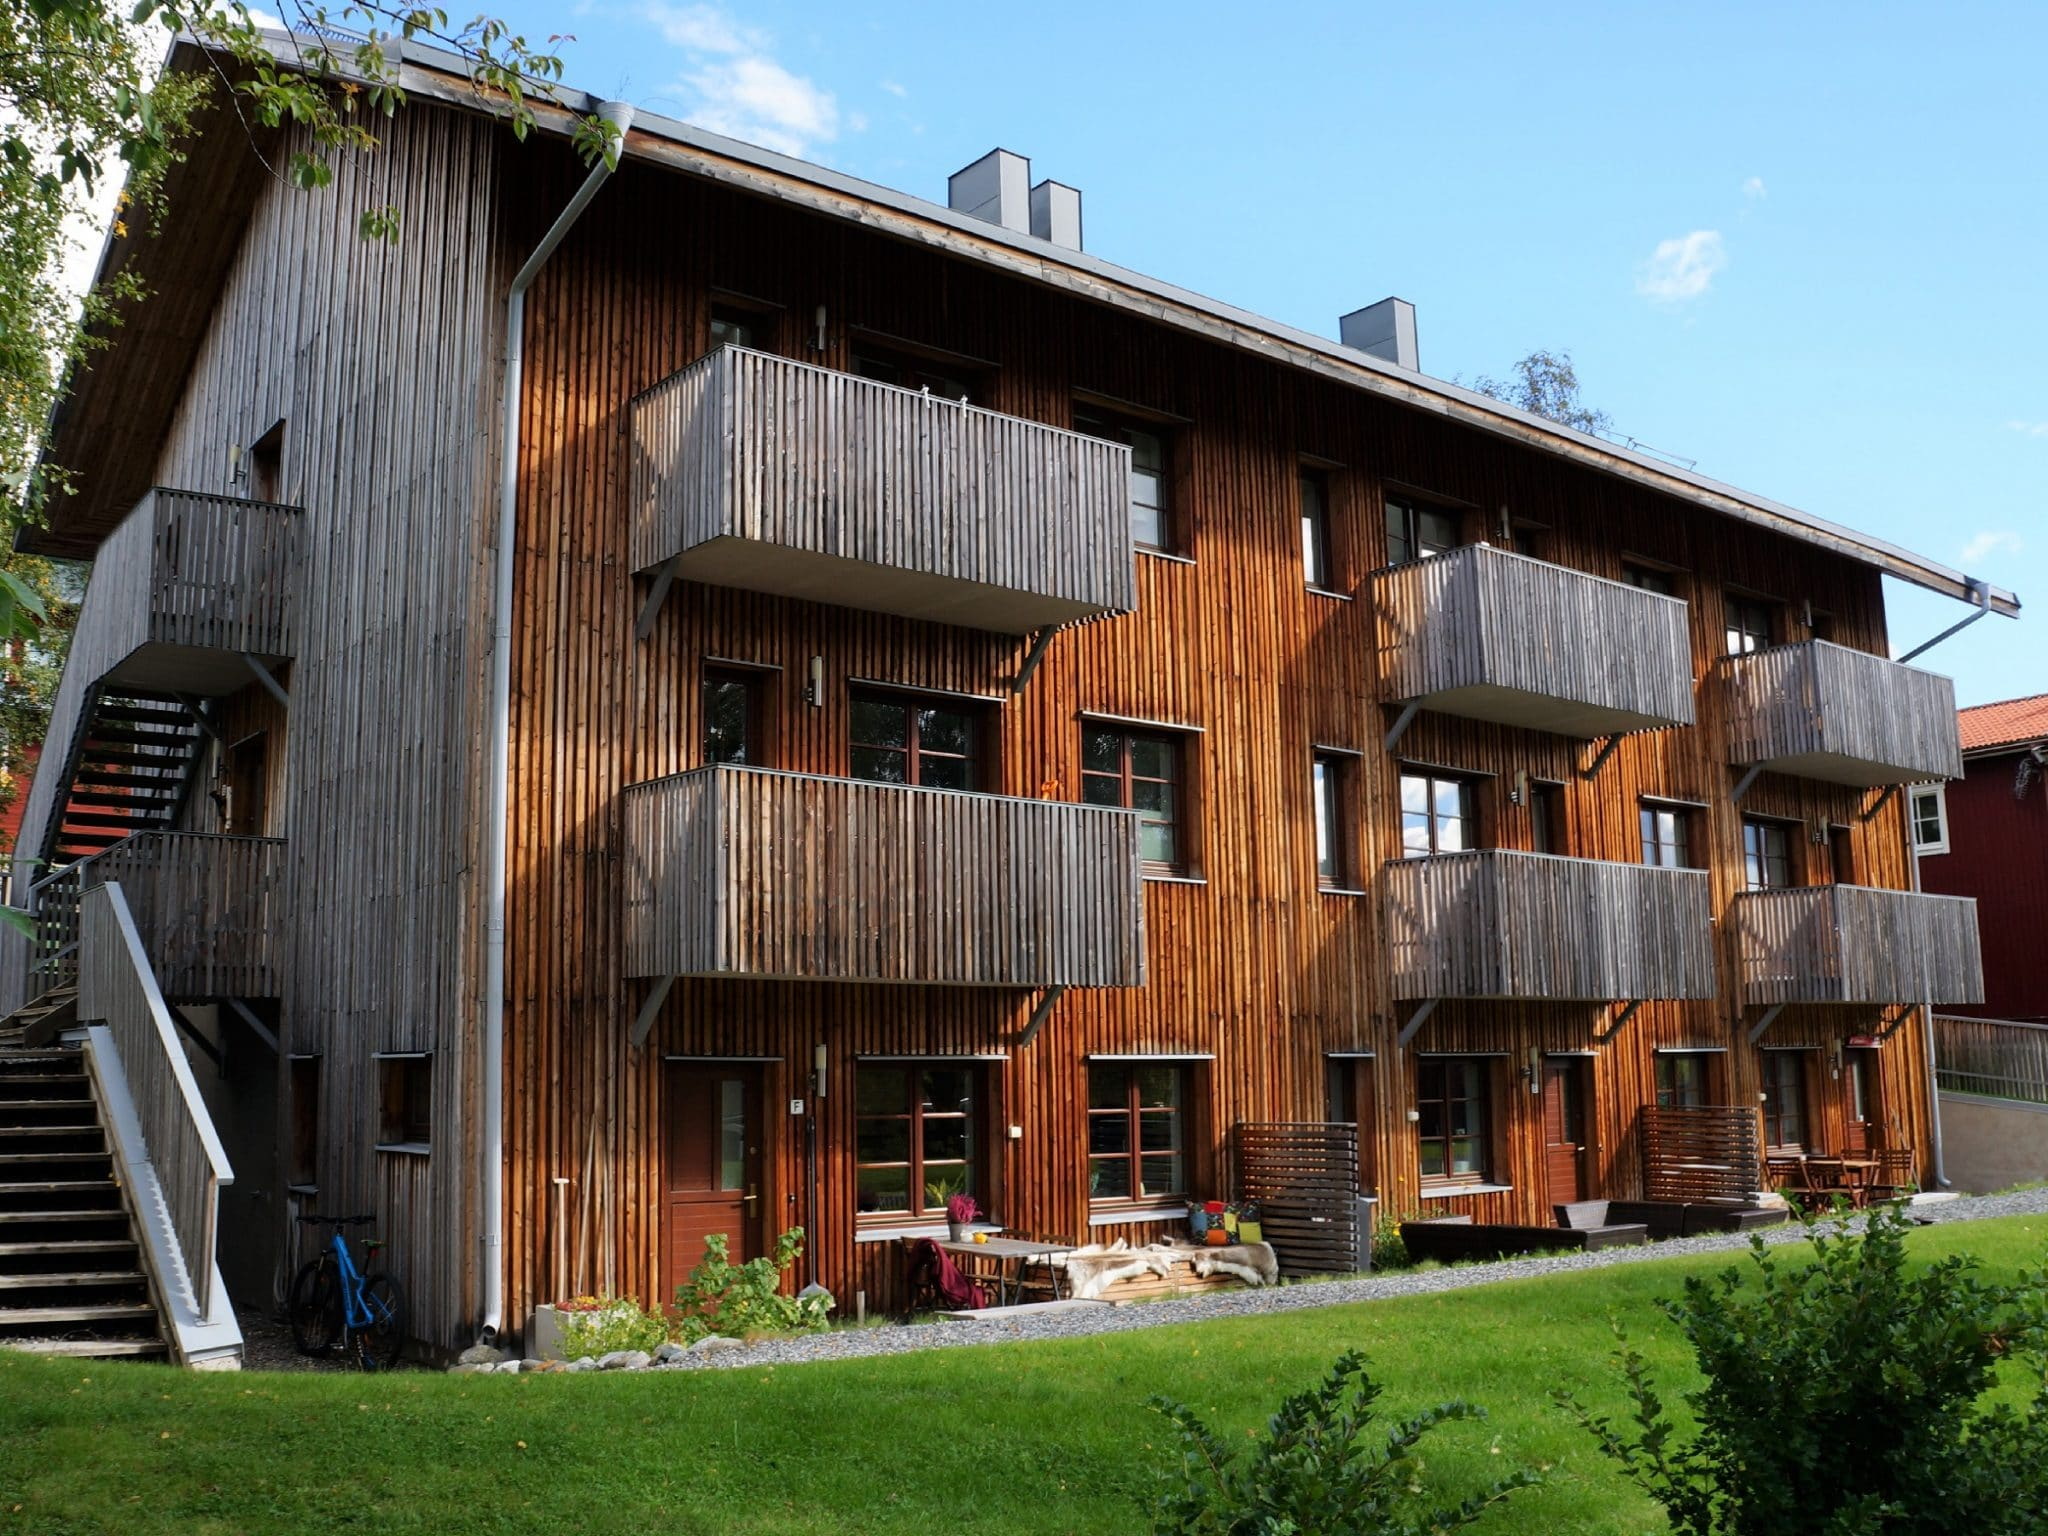 Luxhuset i Åre sommartid med vacker grön gräsmatta framför